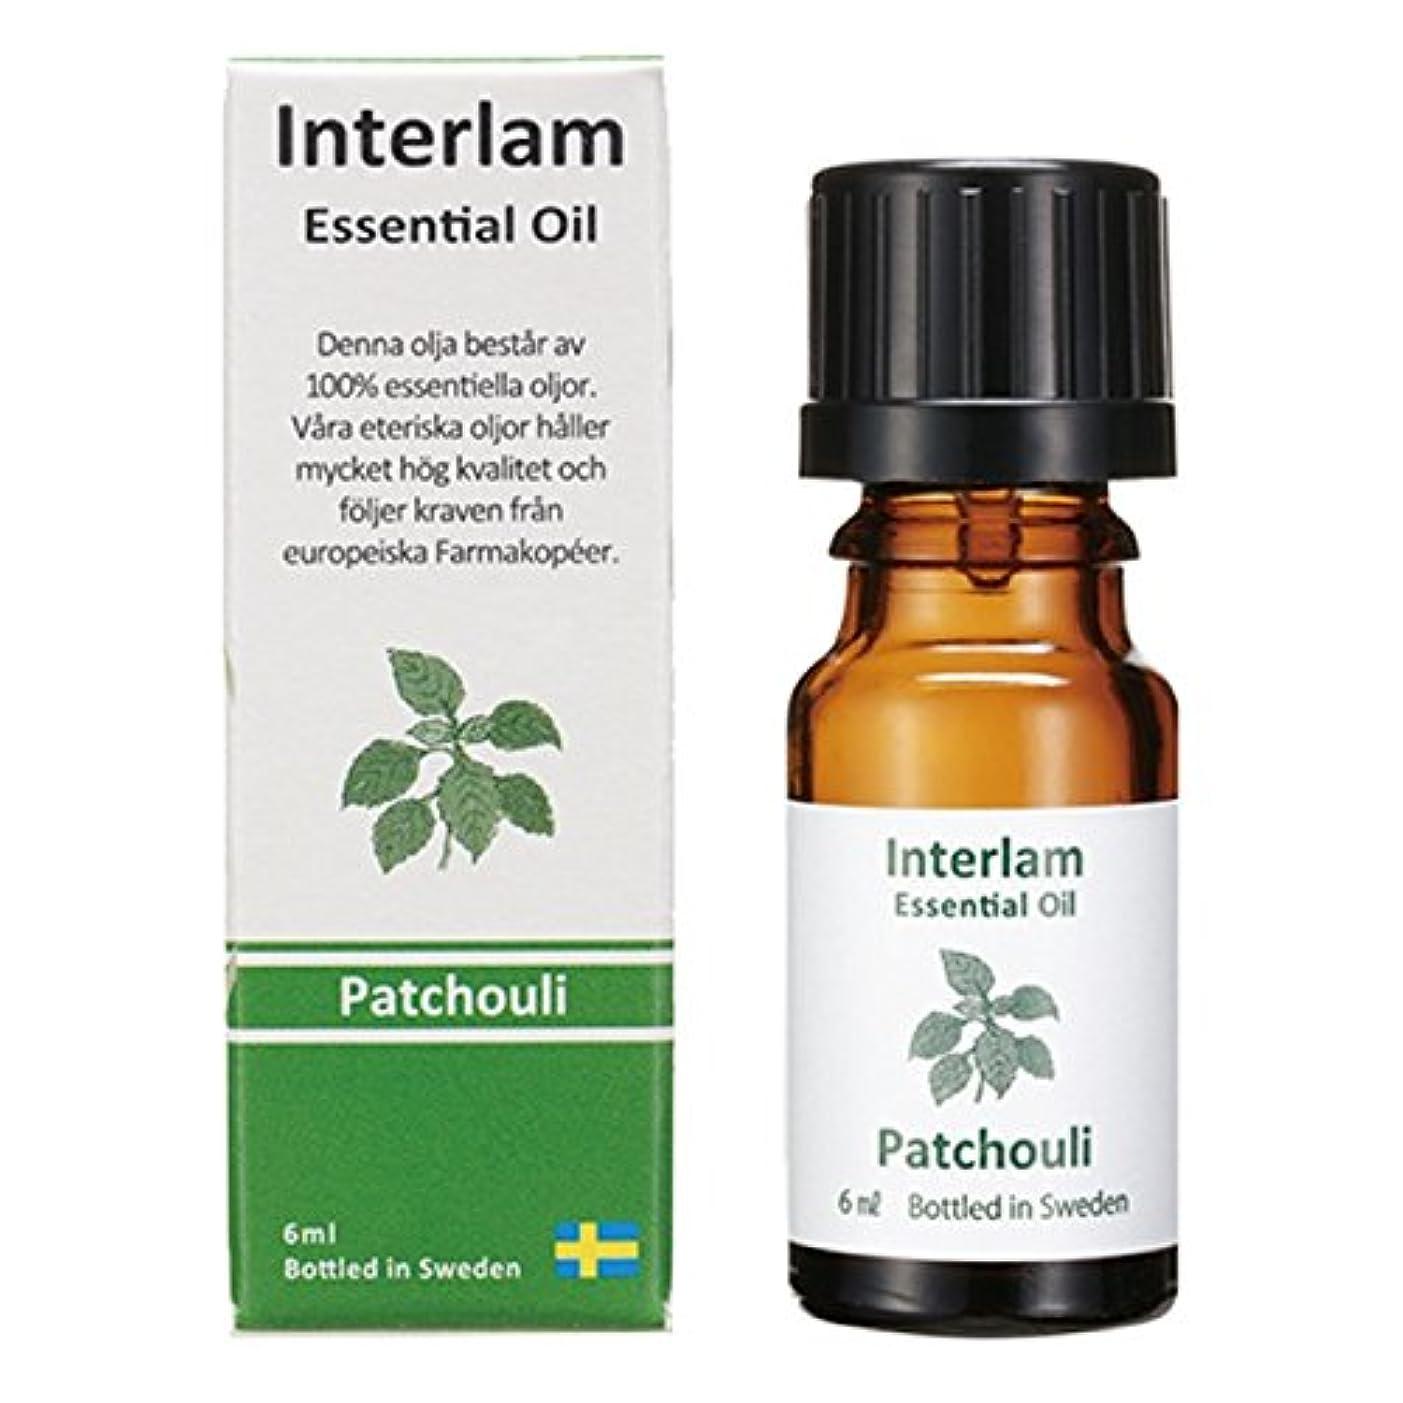 印象的な過敏な行動Interlam エッセンシャルオイル パチュリ 6ml